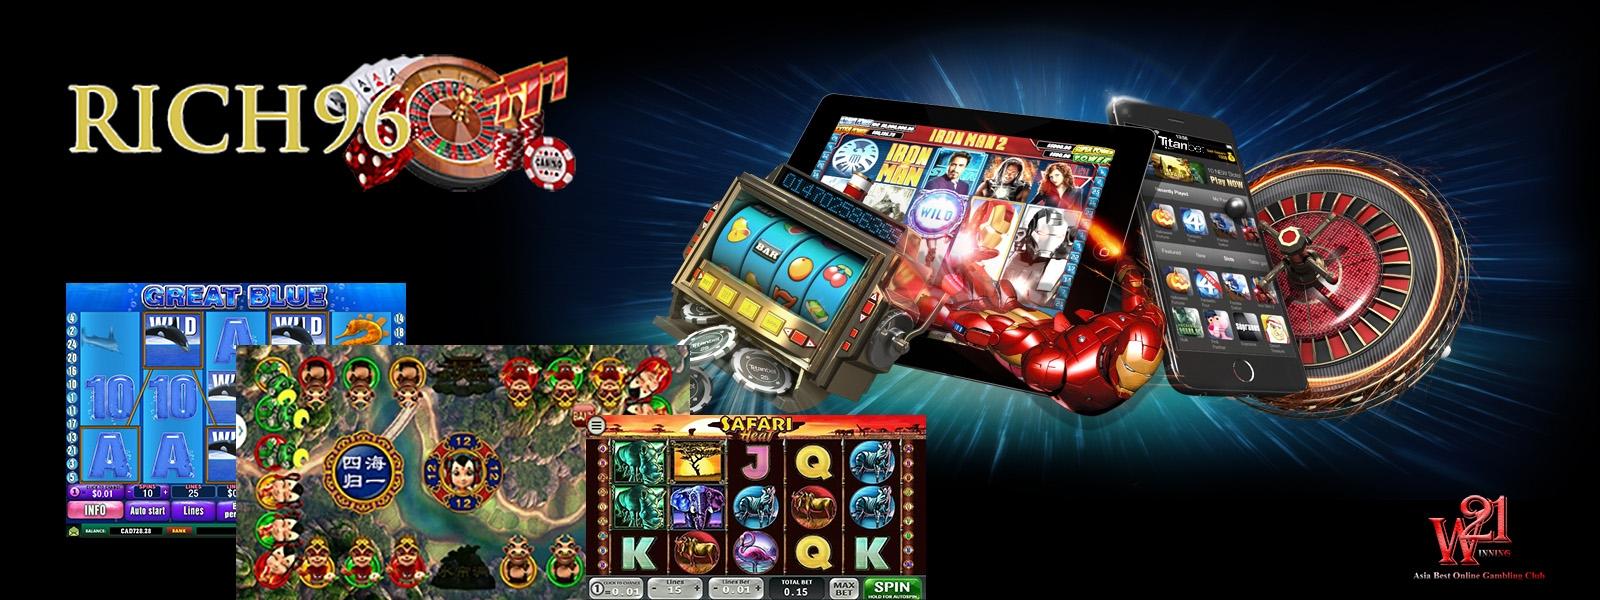 Bonus de match de casino 225% aux machines à sous vidéo